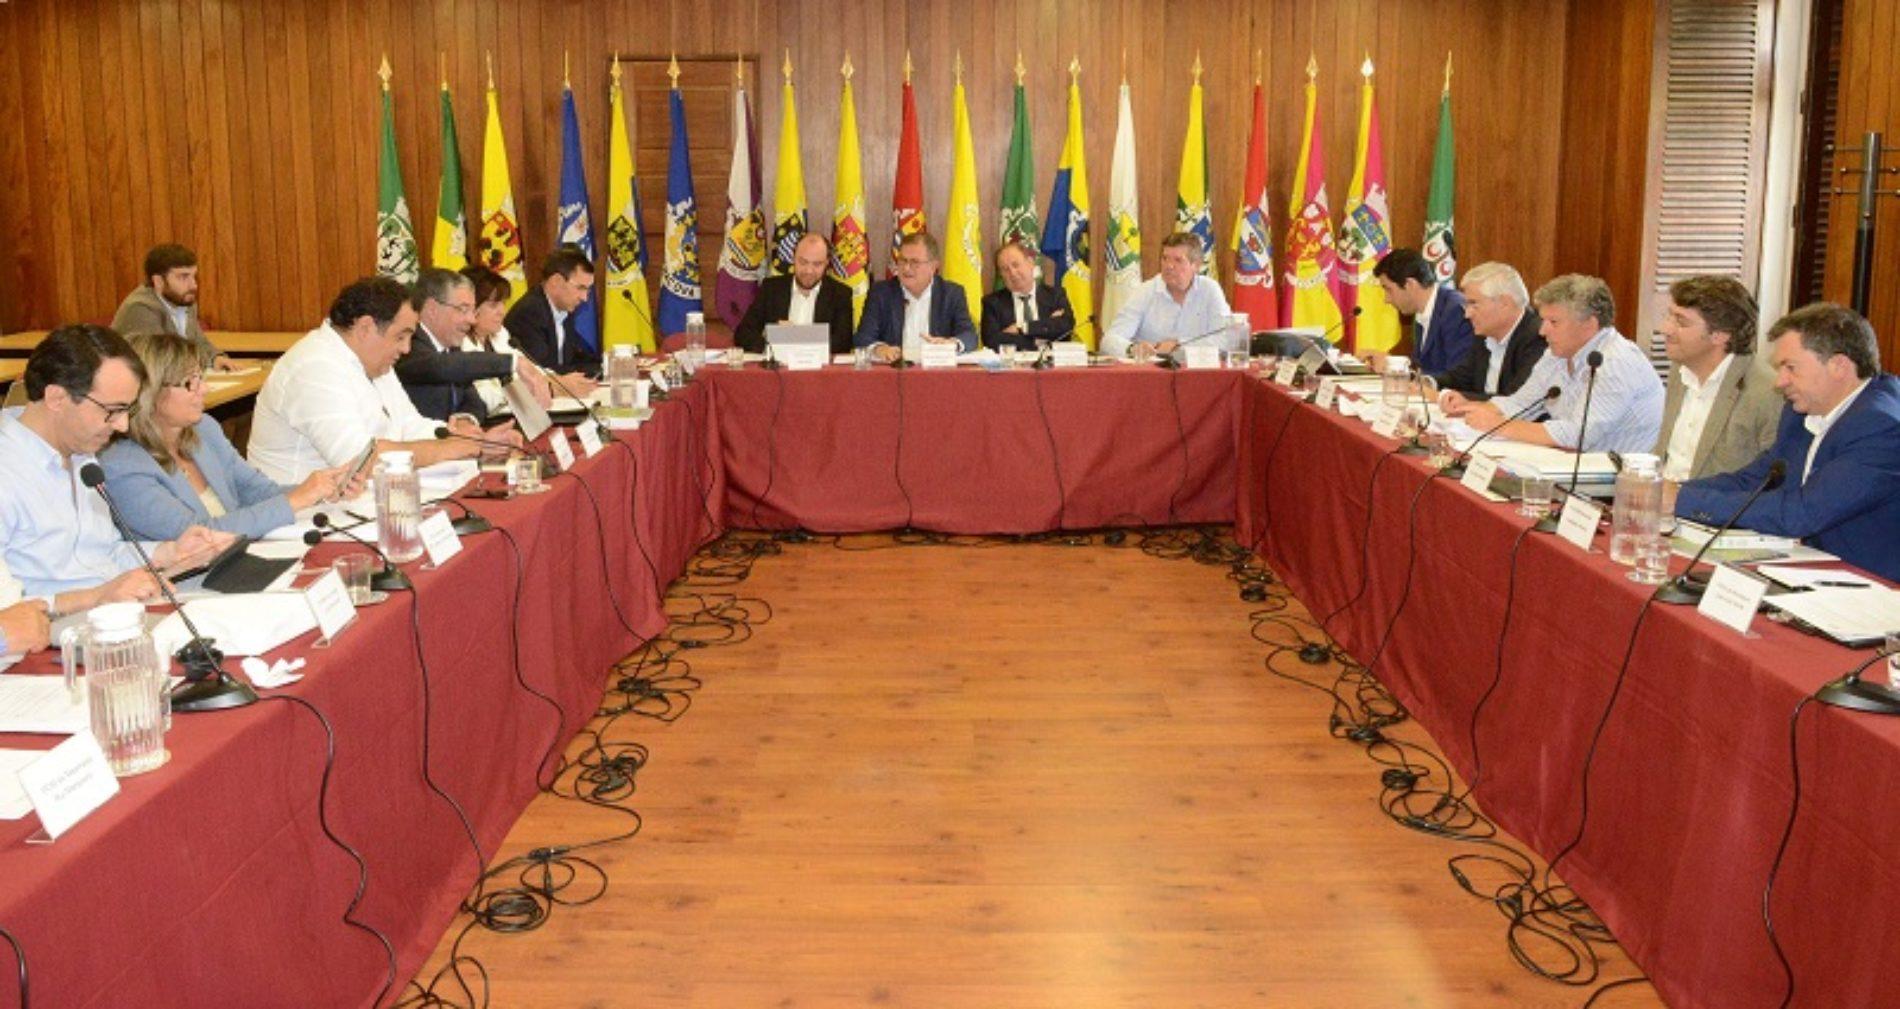 CIM Região de Coimbra apoia 28 empresas num investimento superior a 5,5 milhões de euros